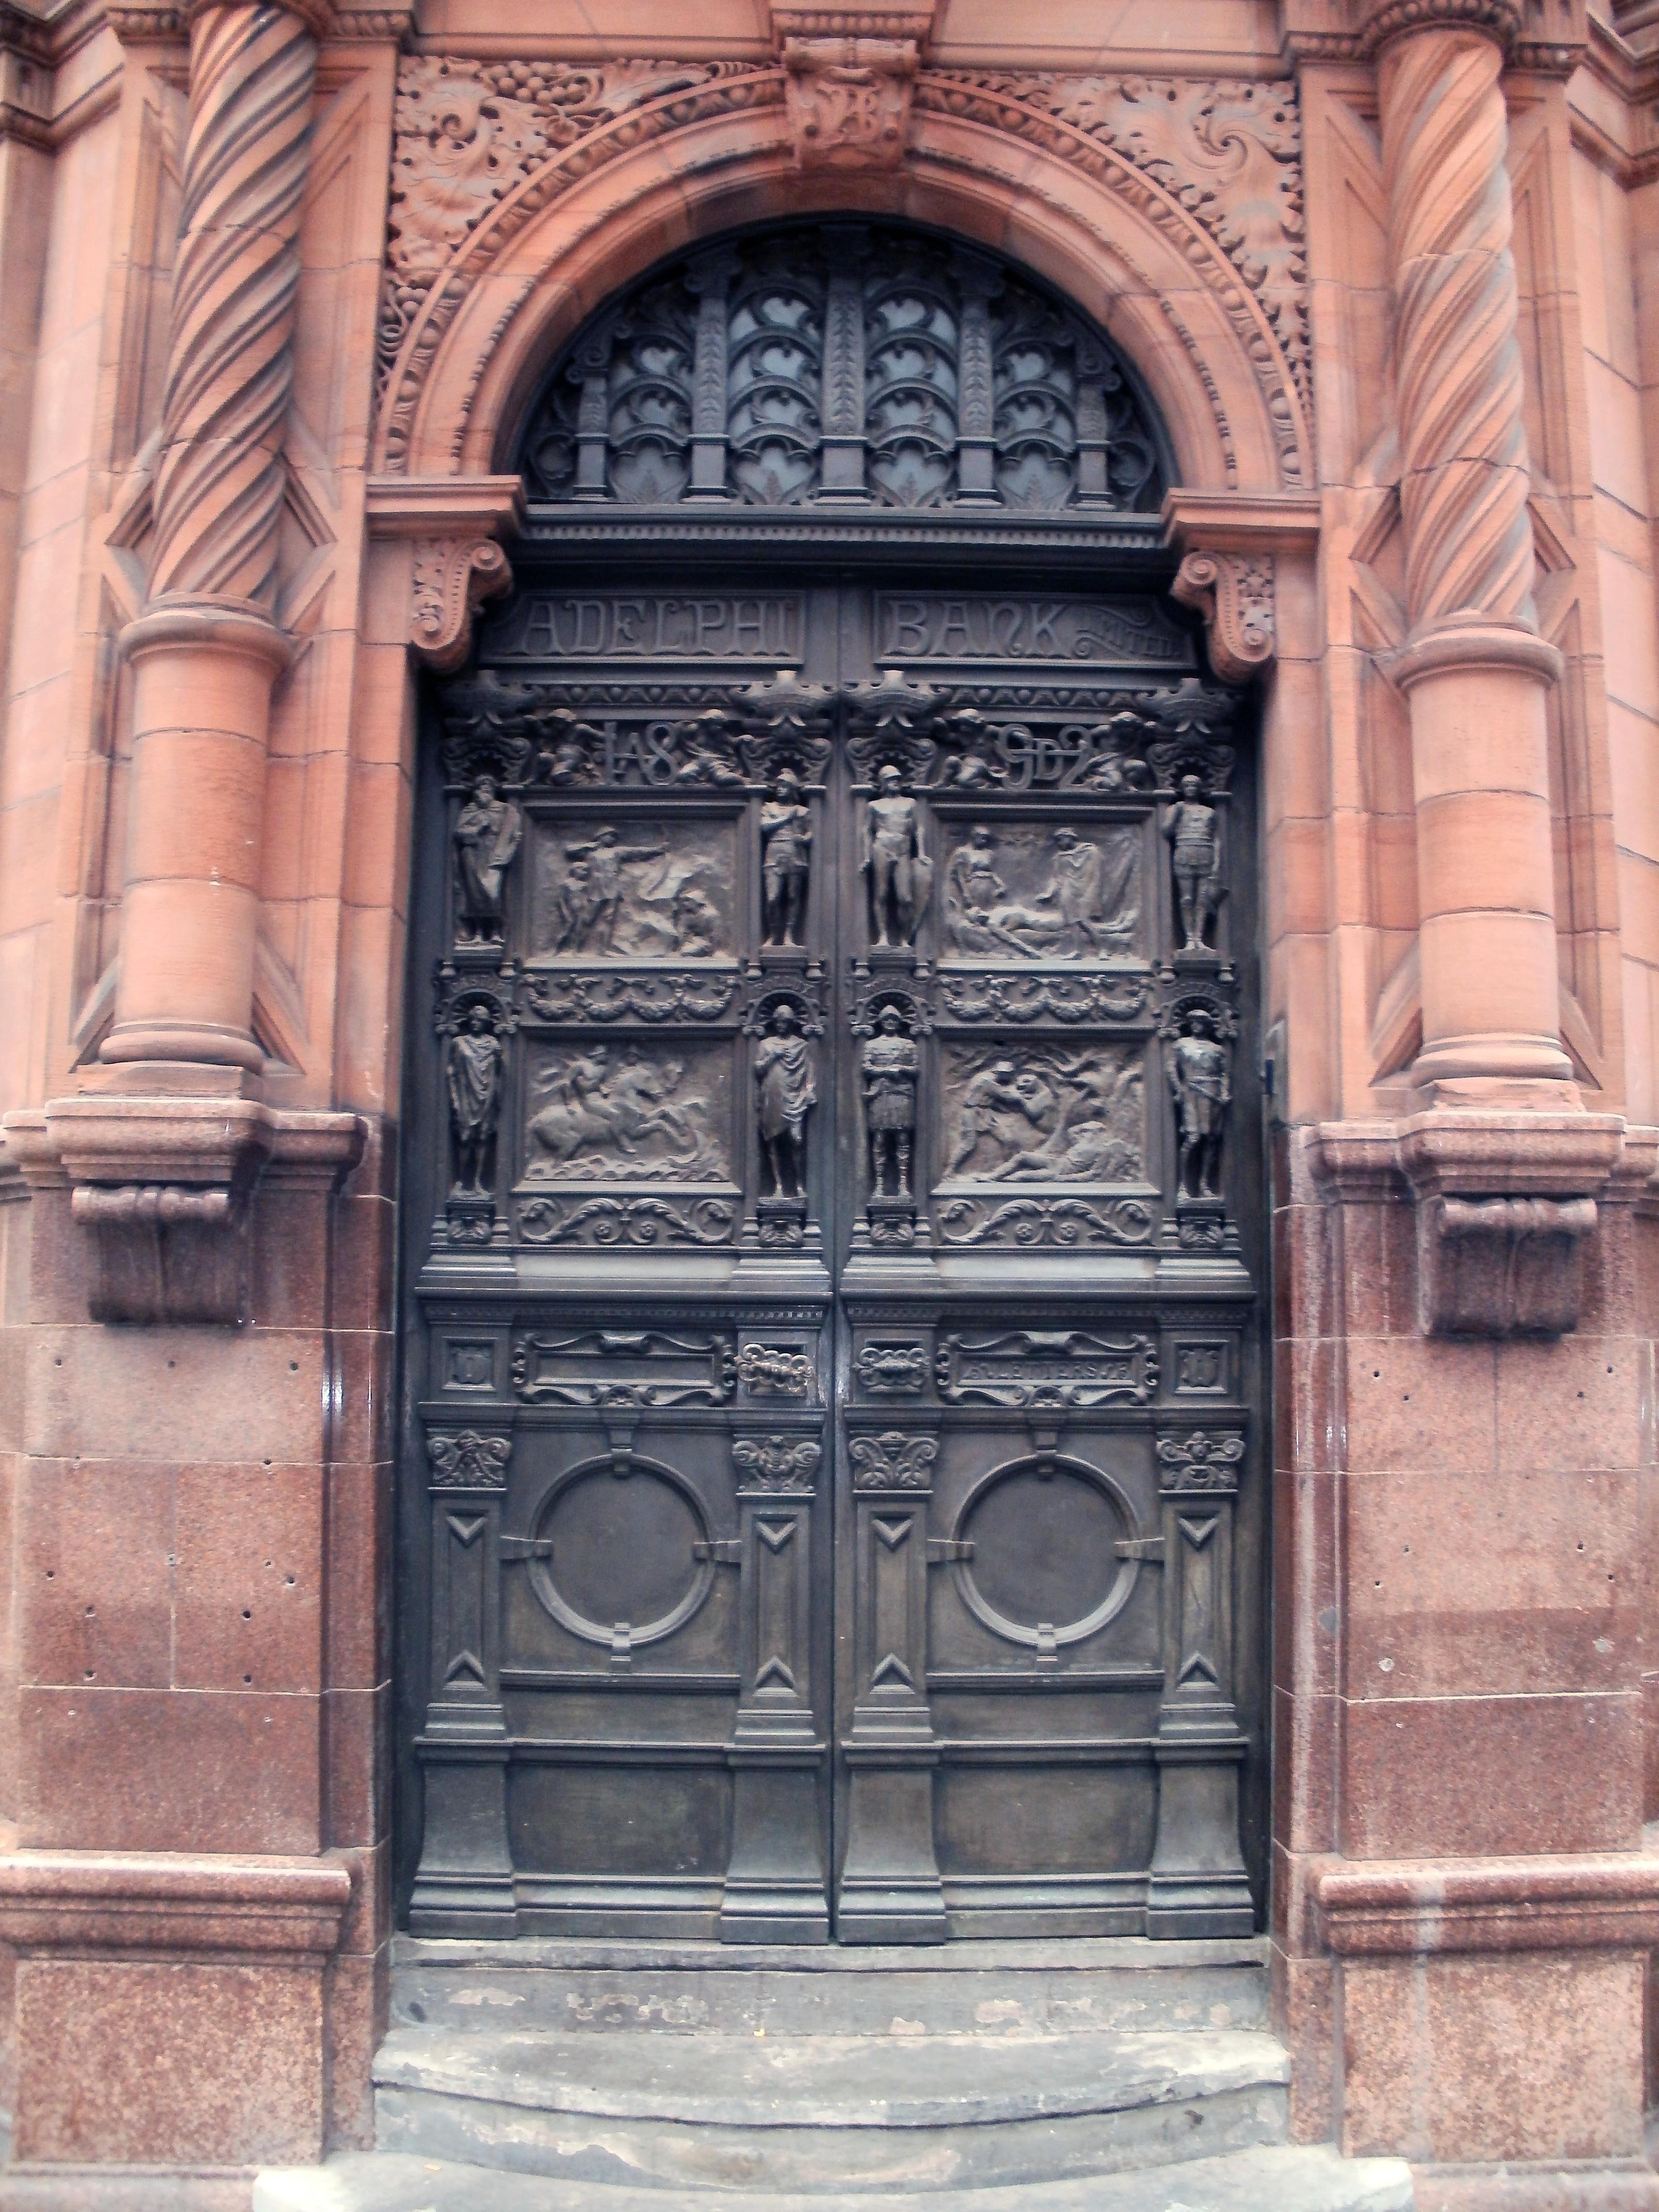 FileAdelphi Bank Door Castle Street Liverpool 22 Aug 2013.jpg & File:Adelphi Bank Door Castle Street Liverpool 22 Aug 2013.jpg ...